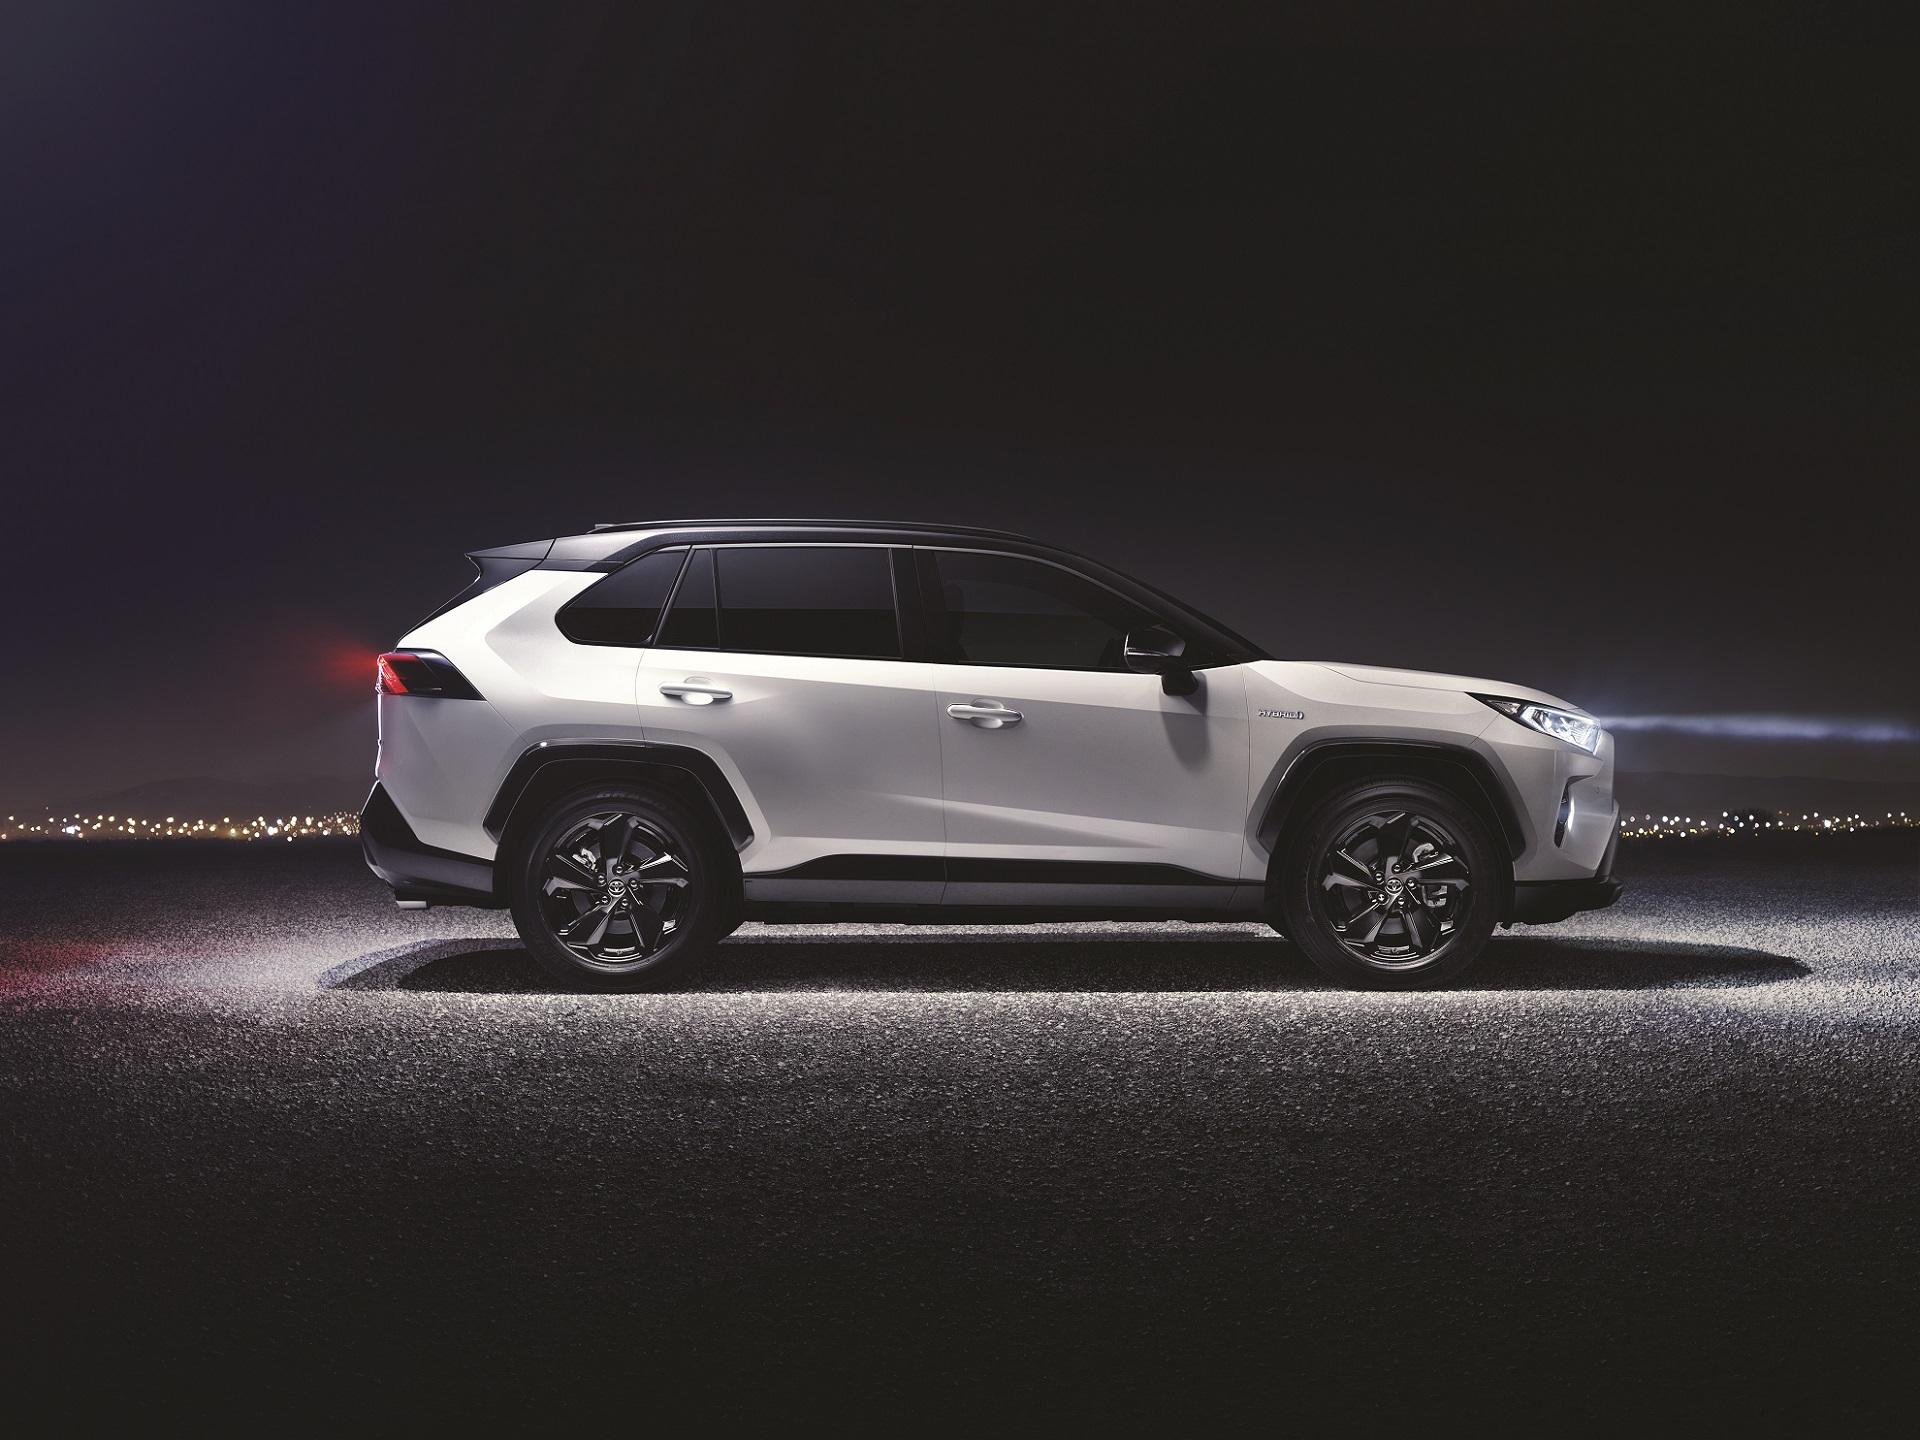 Nouveau Toyota RAV4 hybride 2019 dévoilé au salon de New York